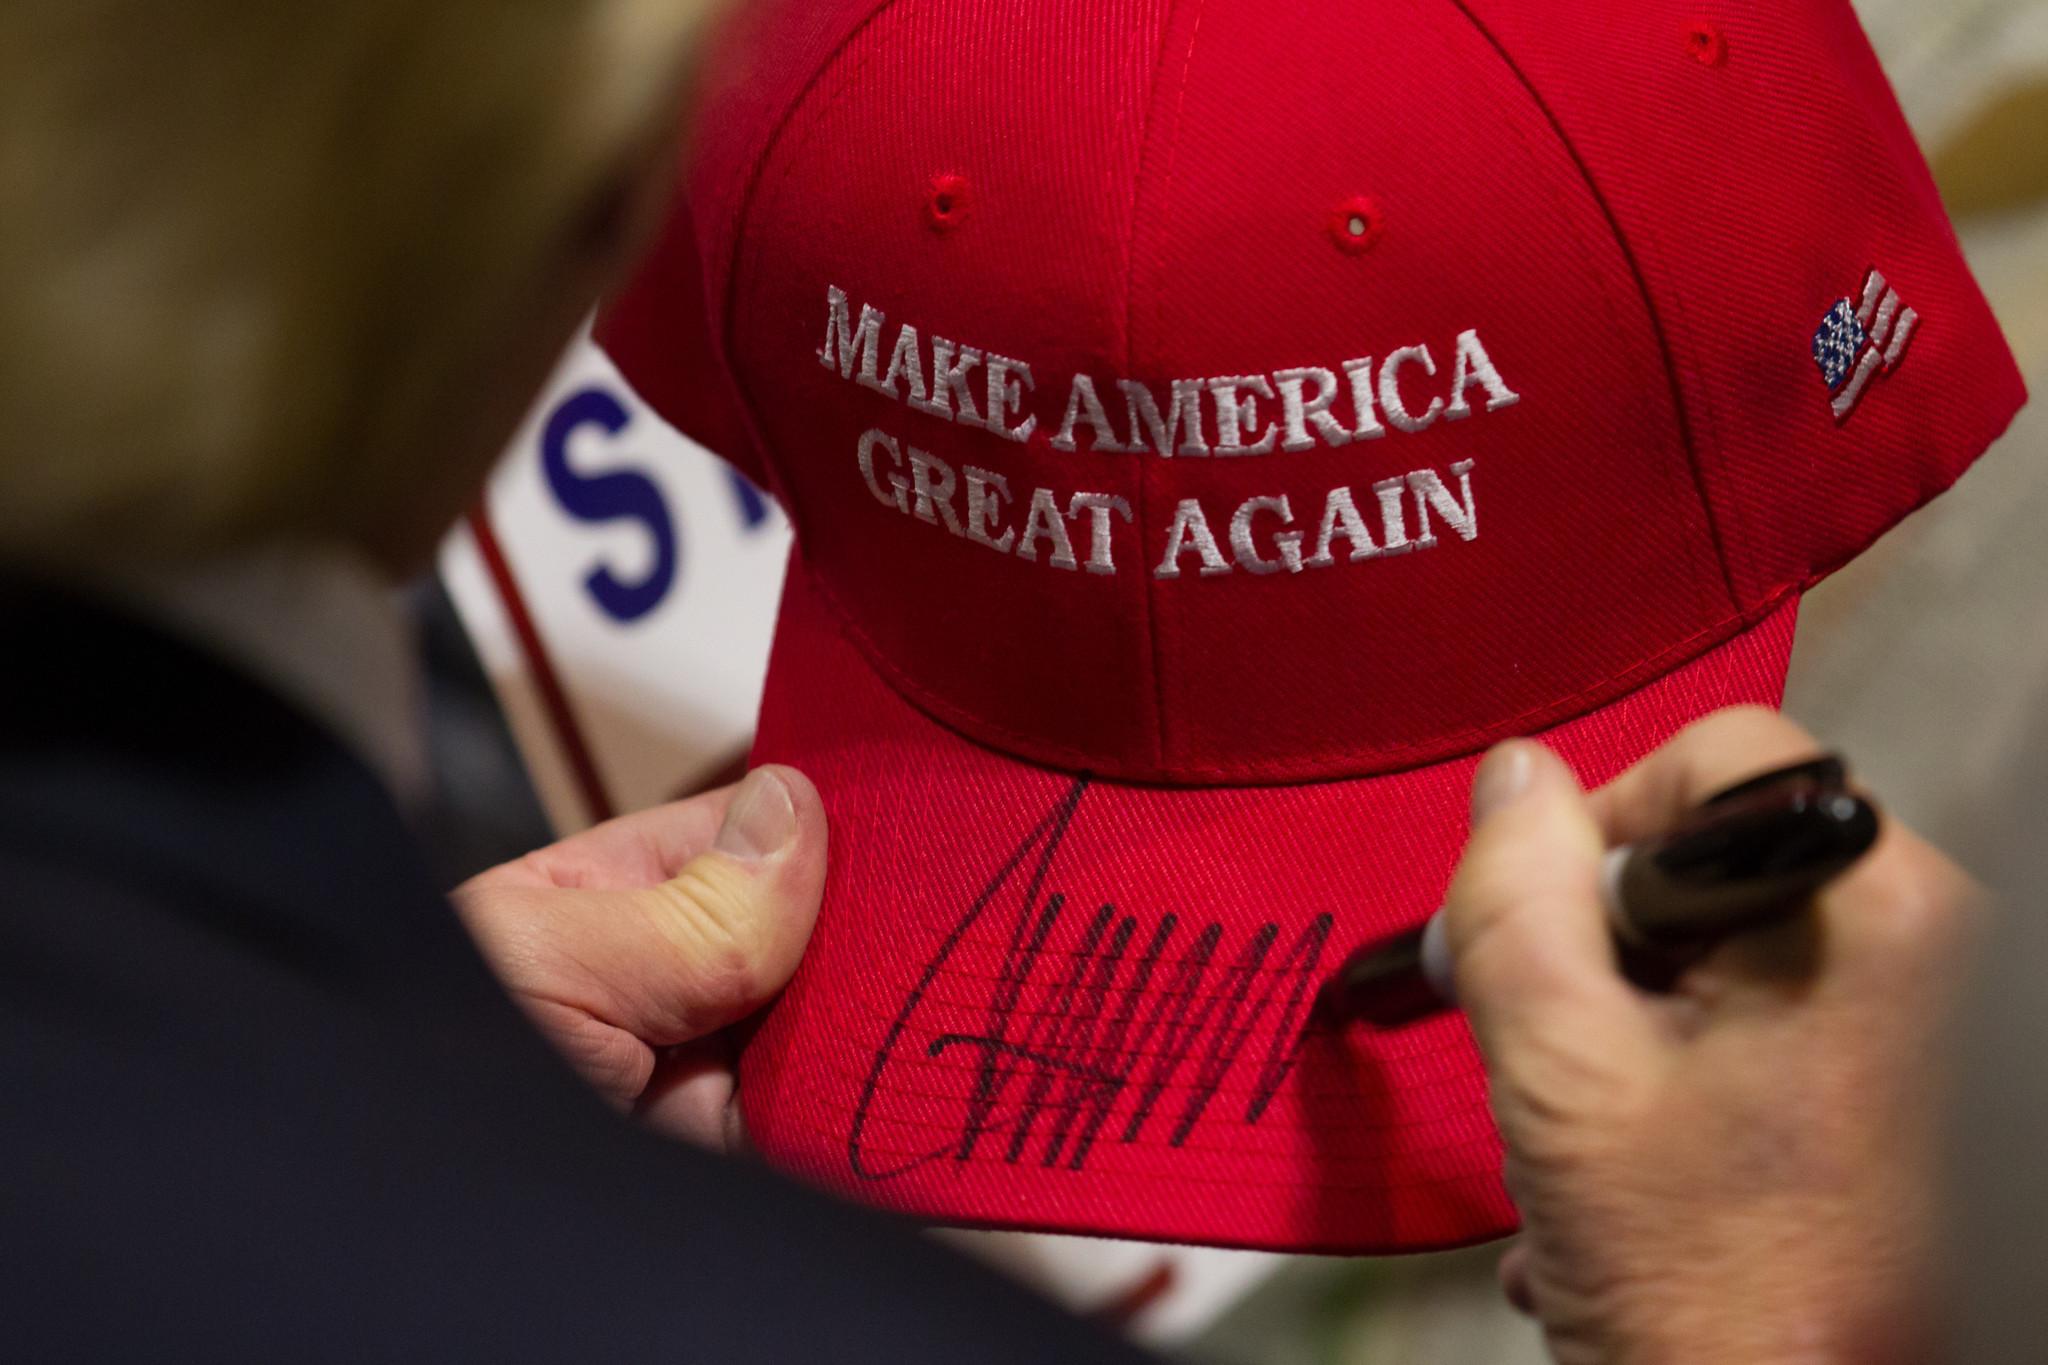 Политический имидж Дональда Трампа и внешняя политика США при  Политический имидж Дональда Трампа и внешняя политика США при 45 президенте Америки